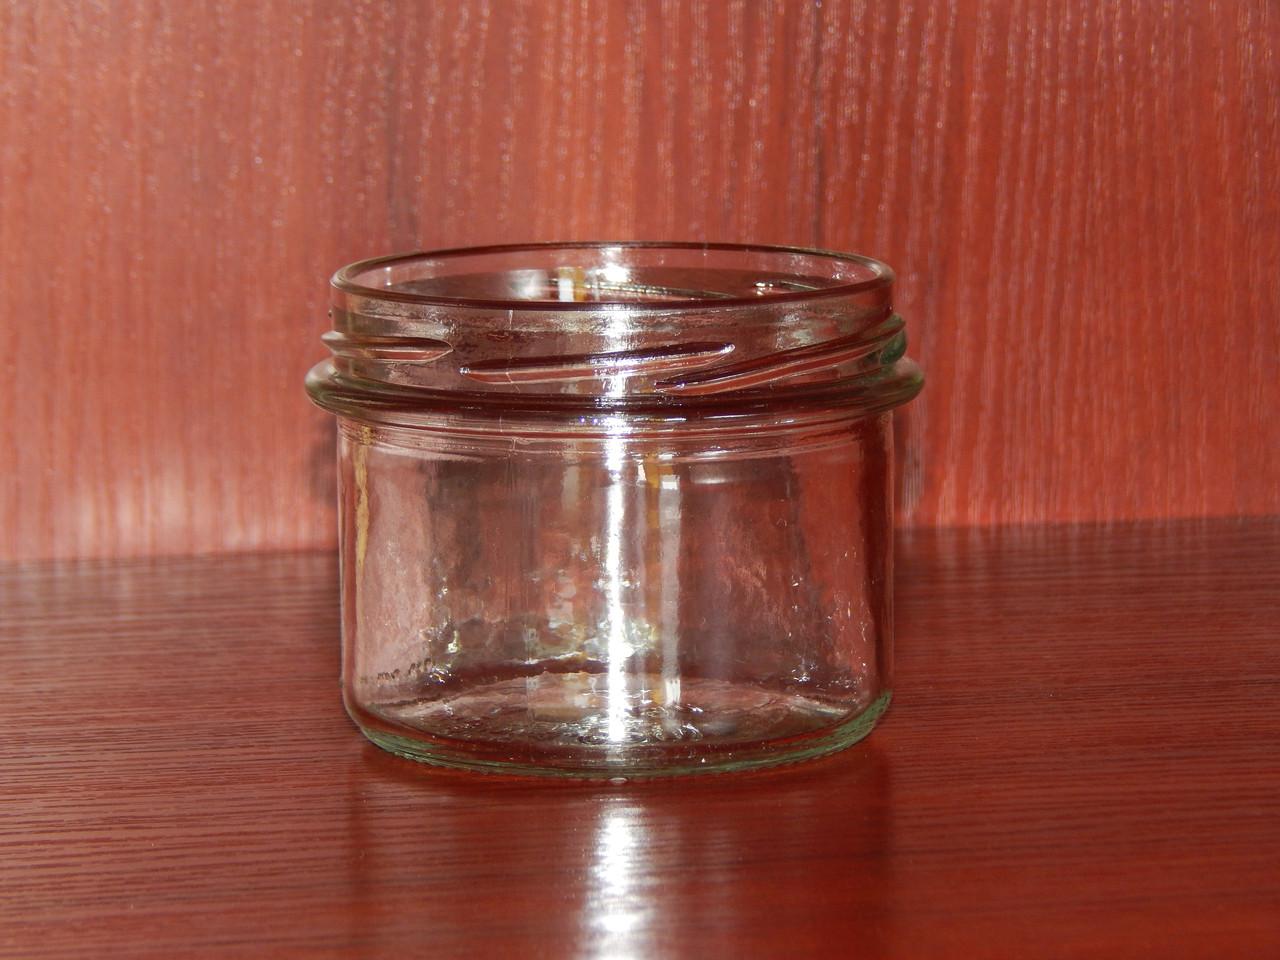 Банка стеклянная 235 мл с горловиной твист 82 мм (15 штук в упаковке)